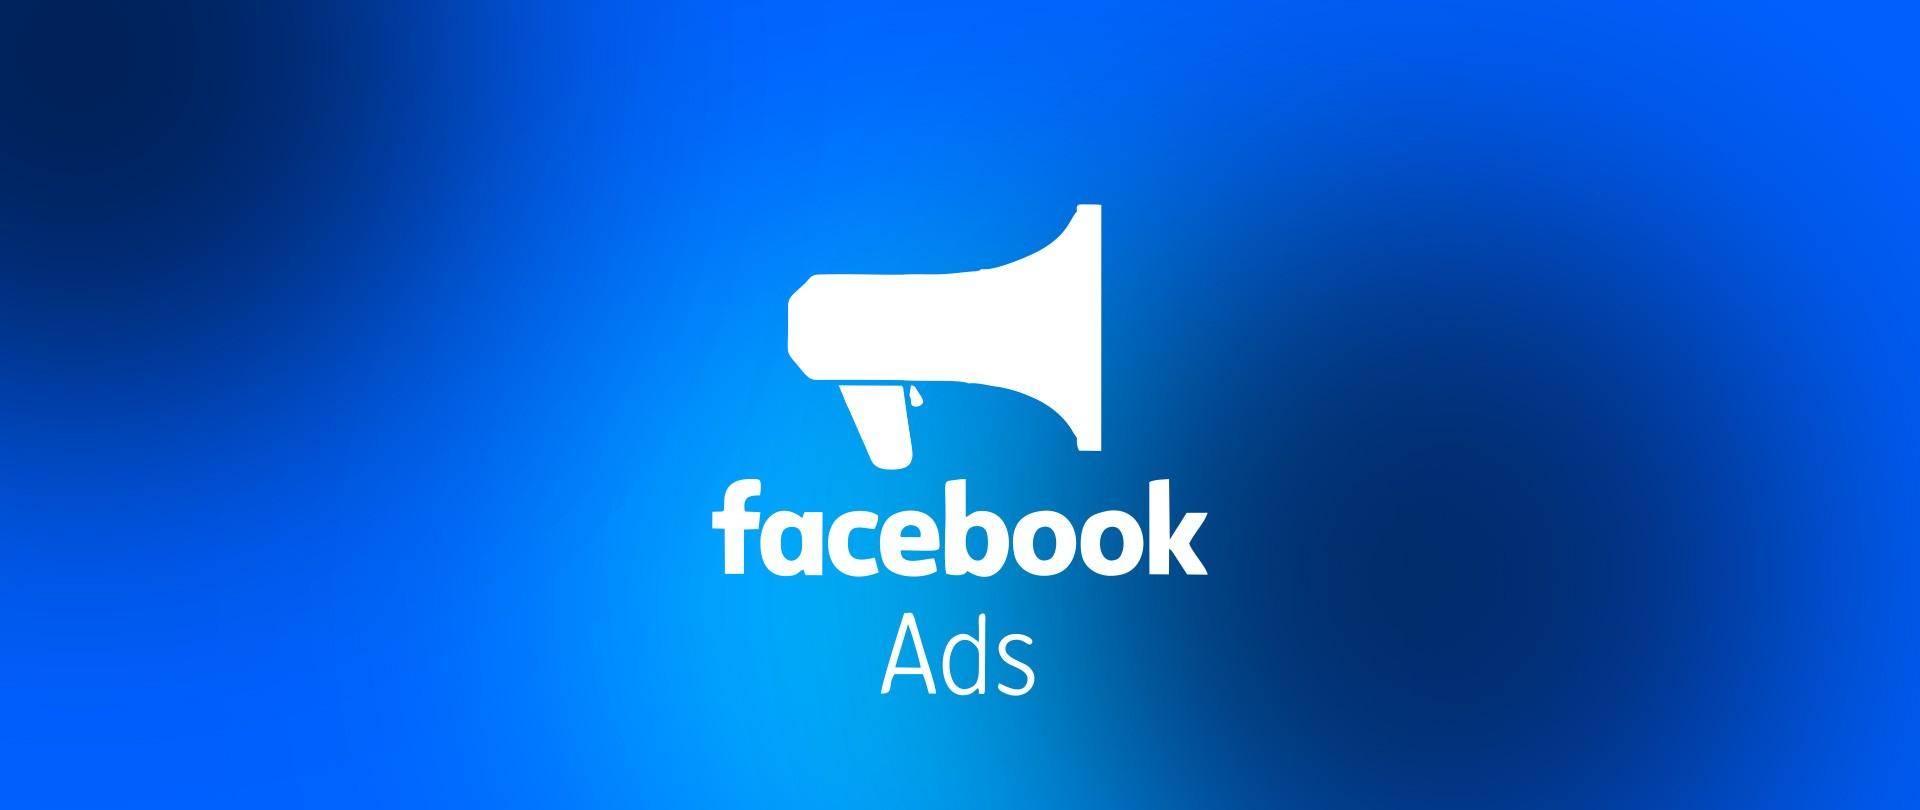 Foto: O facebook não divulga seus Posts? Porque anunciar no Facebook?